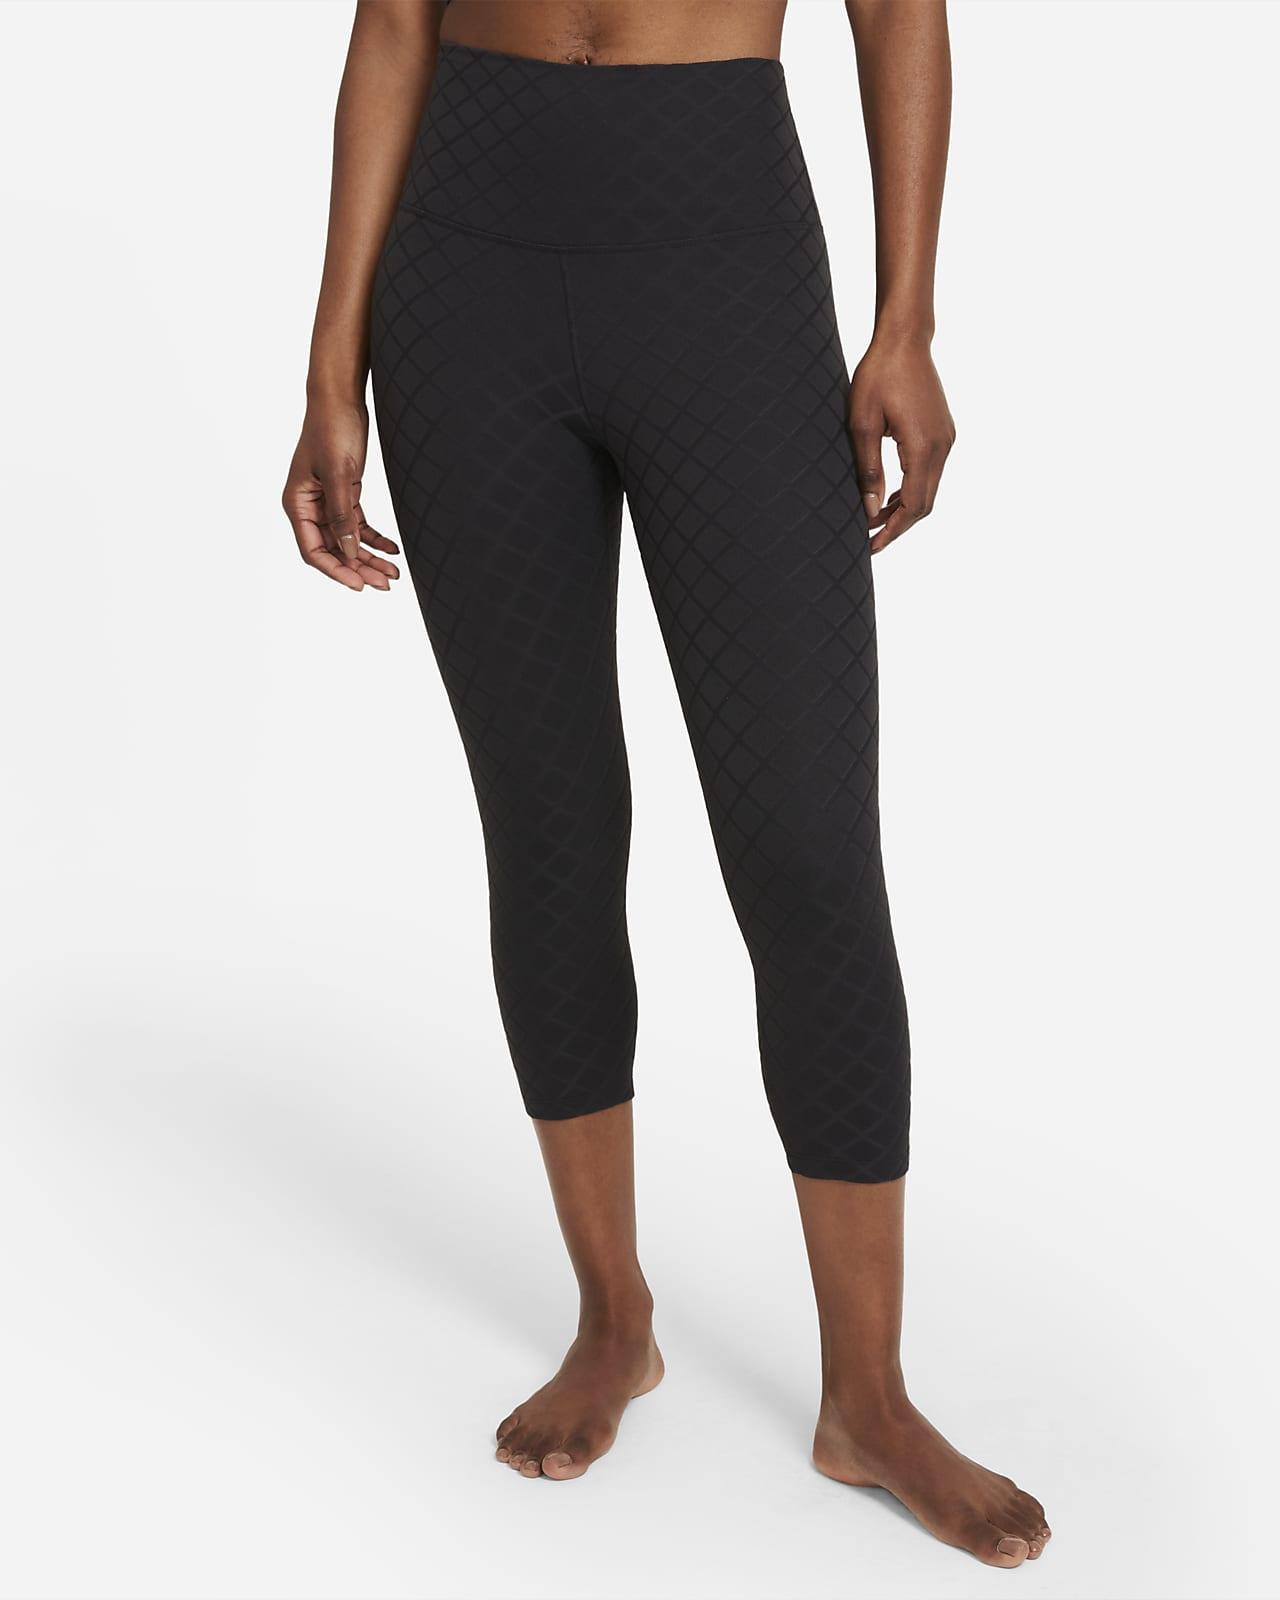 เลกกิ้งผู้หญิง 3 ส่วนผ้า Jacquard เอวสูง Nike Yoga Luxe